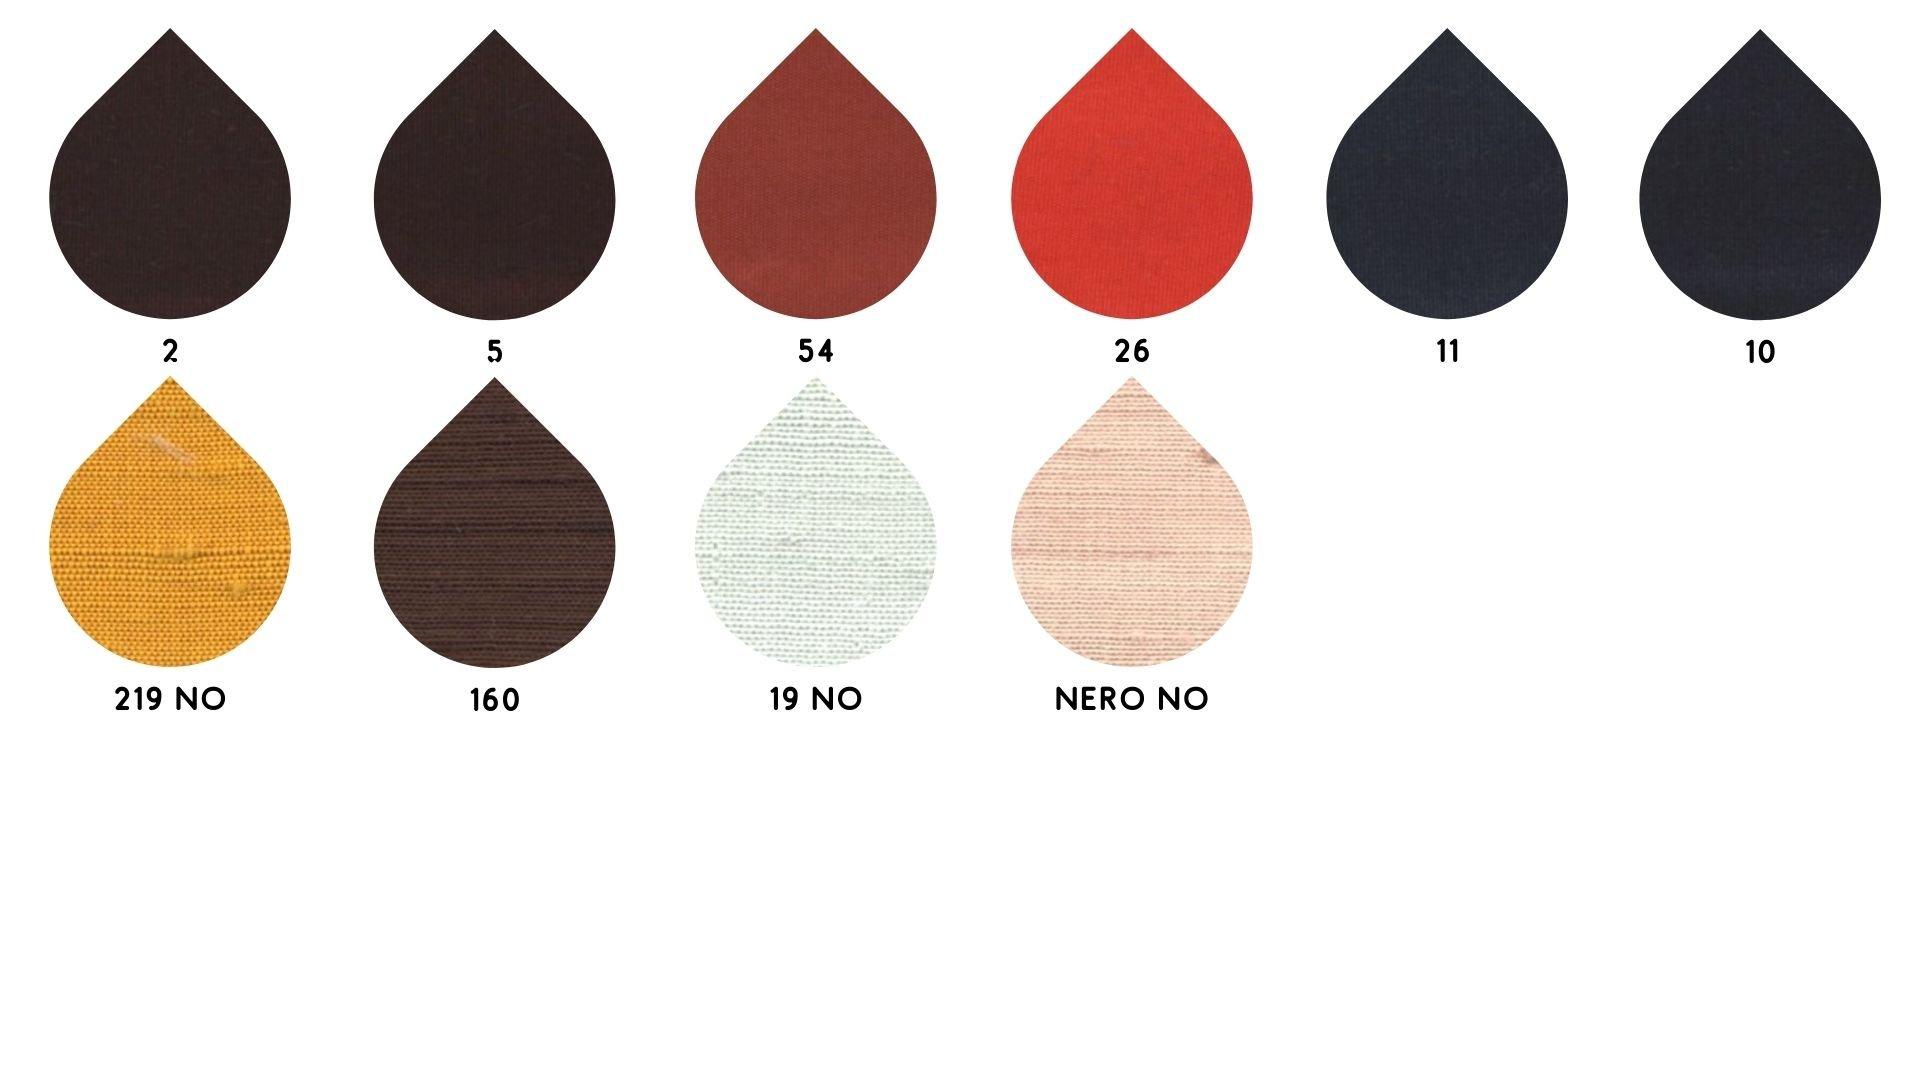 la cartella colore del tessuto taffetas u-145 di Leadford & Logan